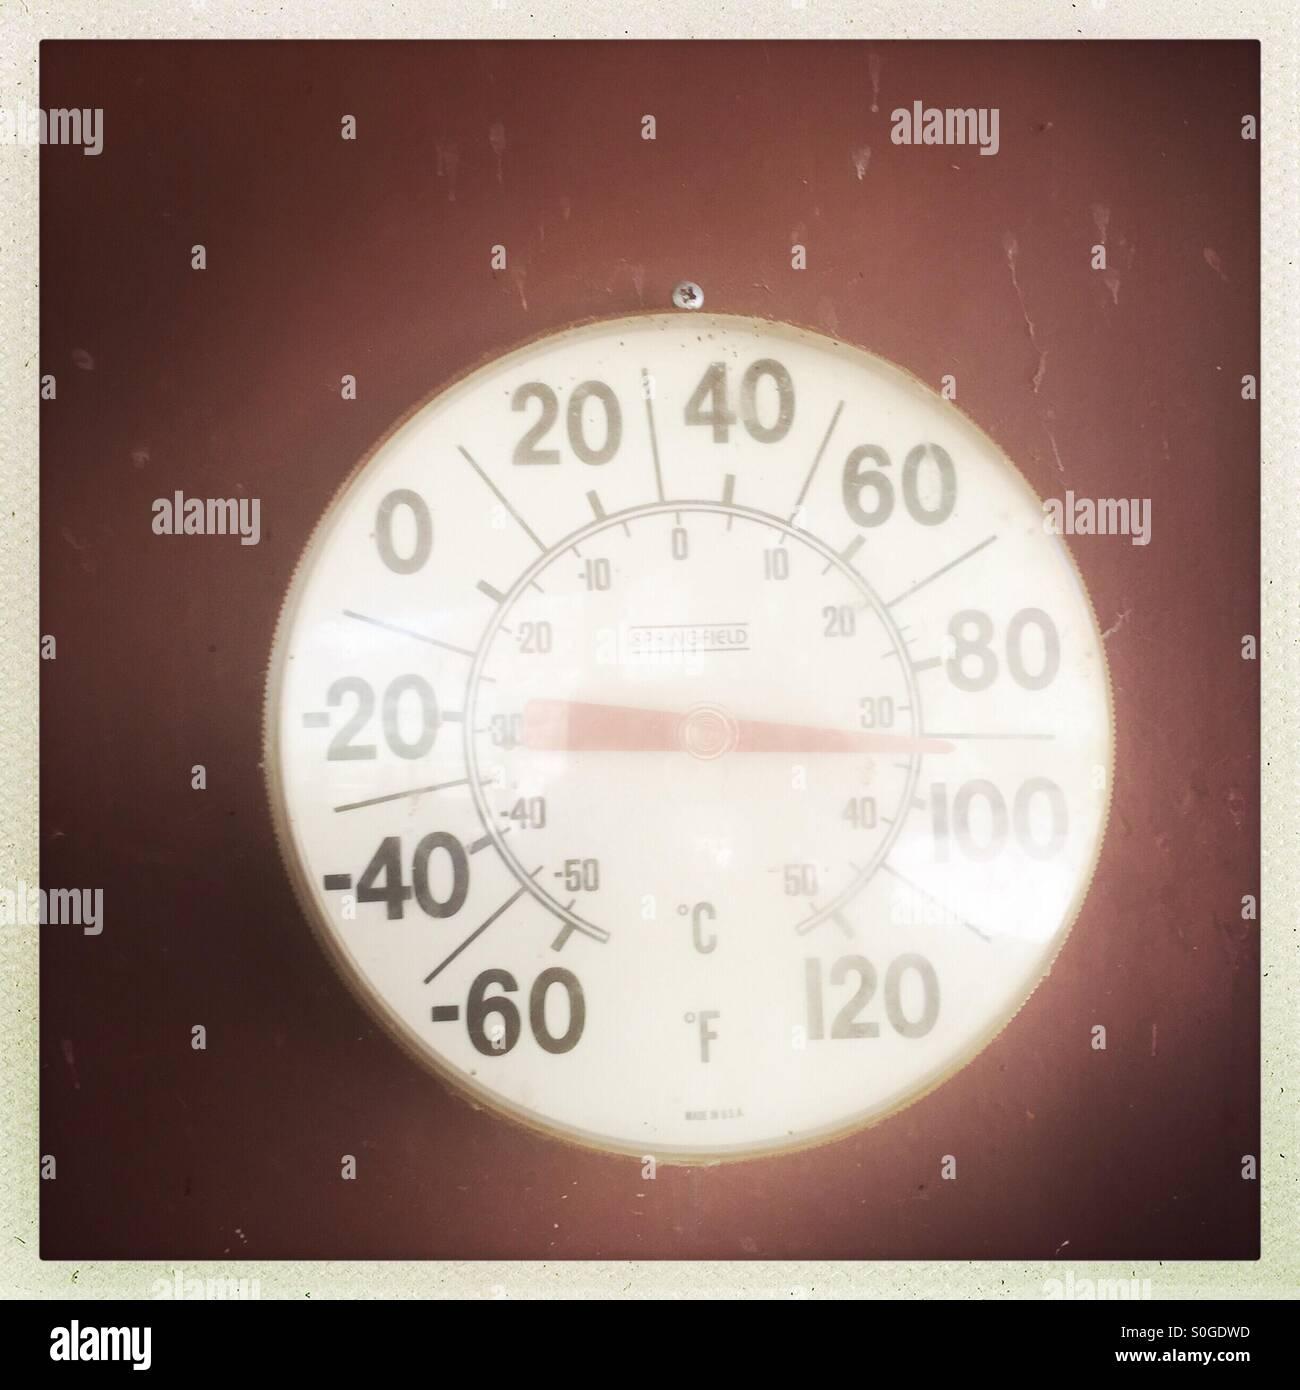 Ein Temperatur-Gage. Stockbild